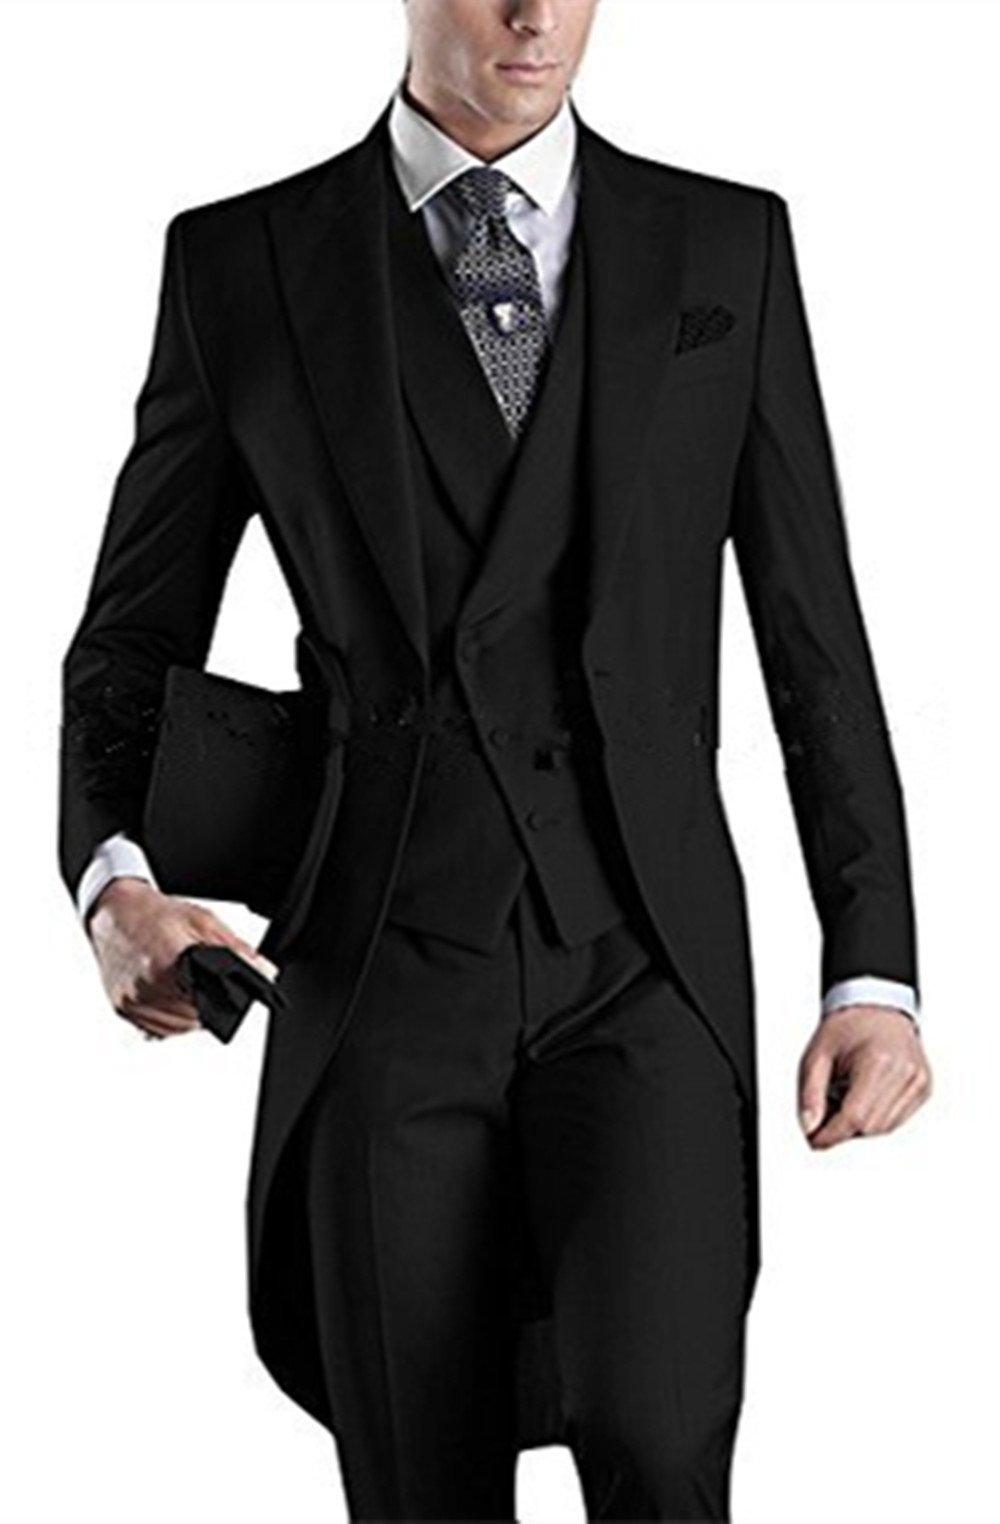 Everbeauty Men's Handsome 3 Pieces Tailcoat Suit Set Business Suit for Men 2018